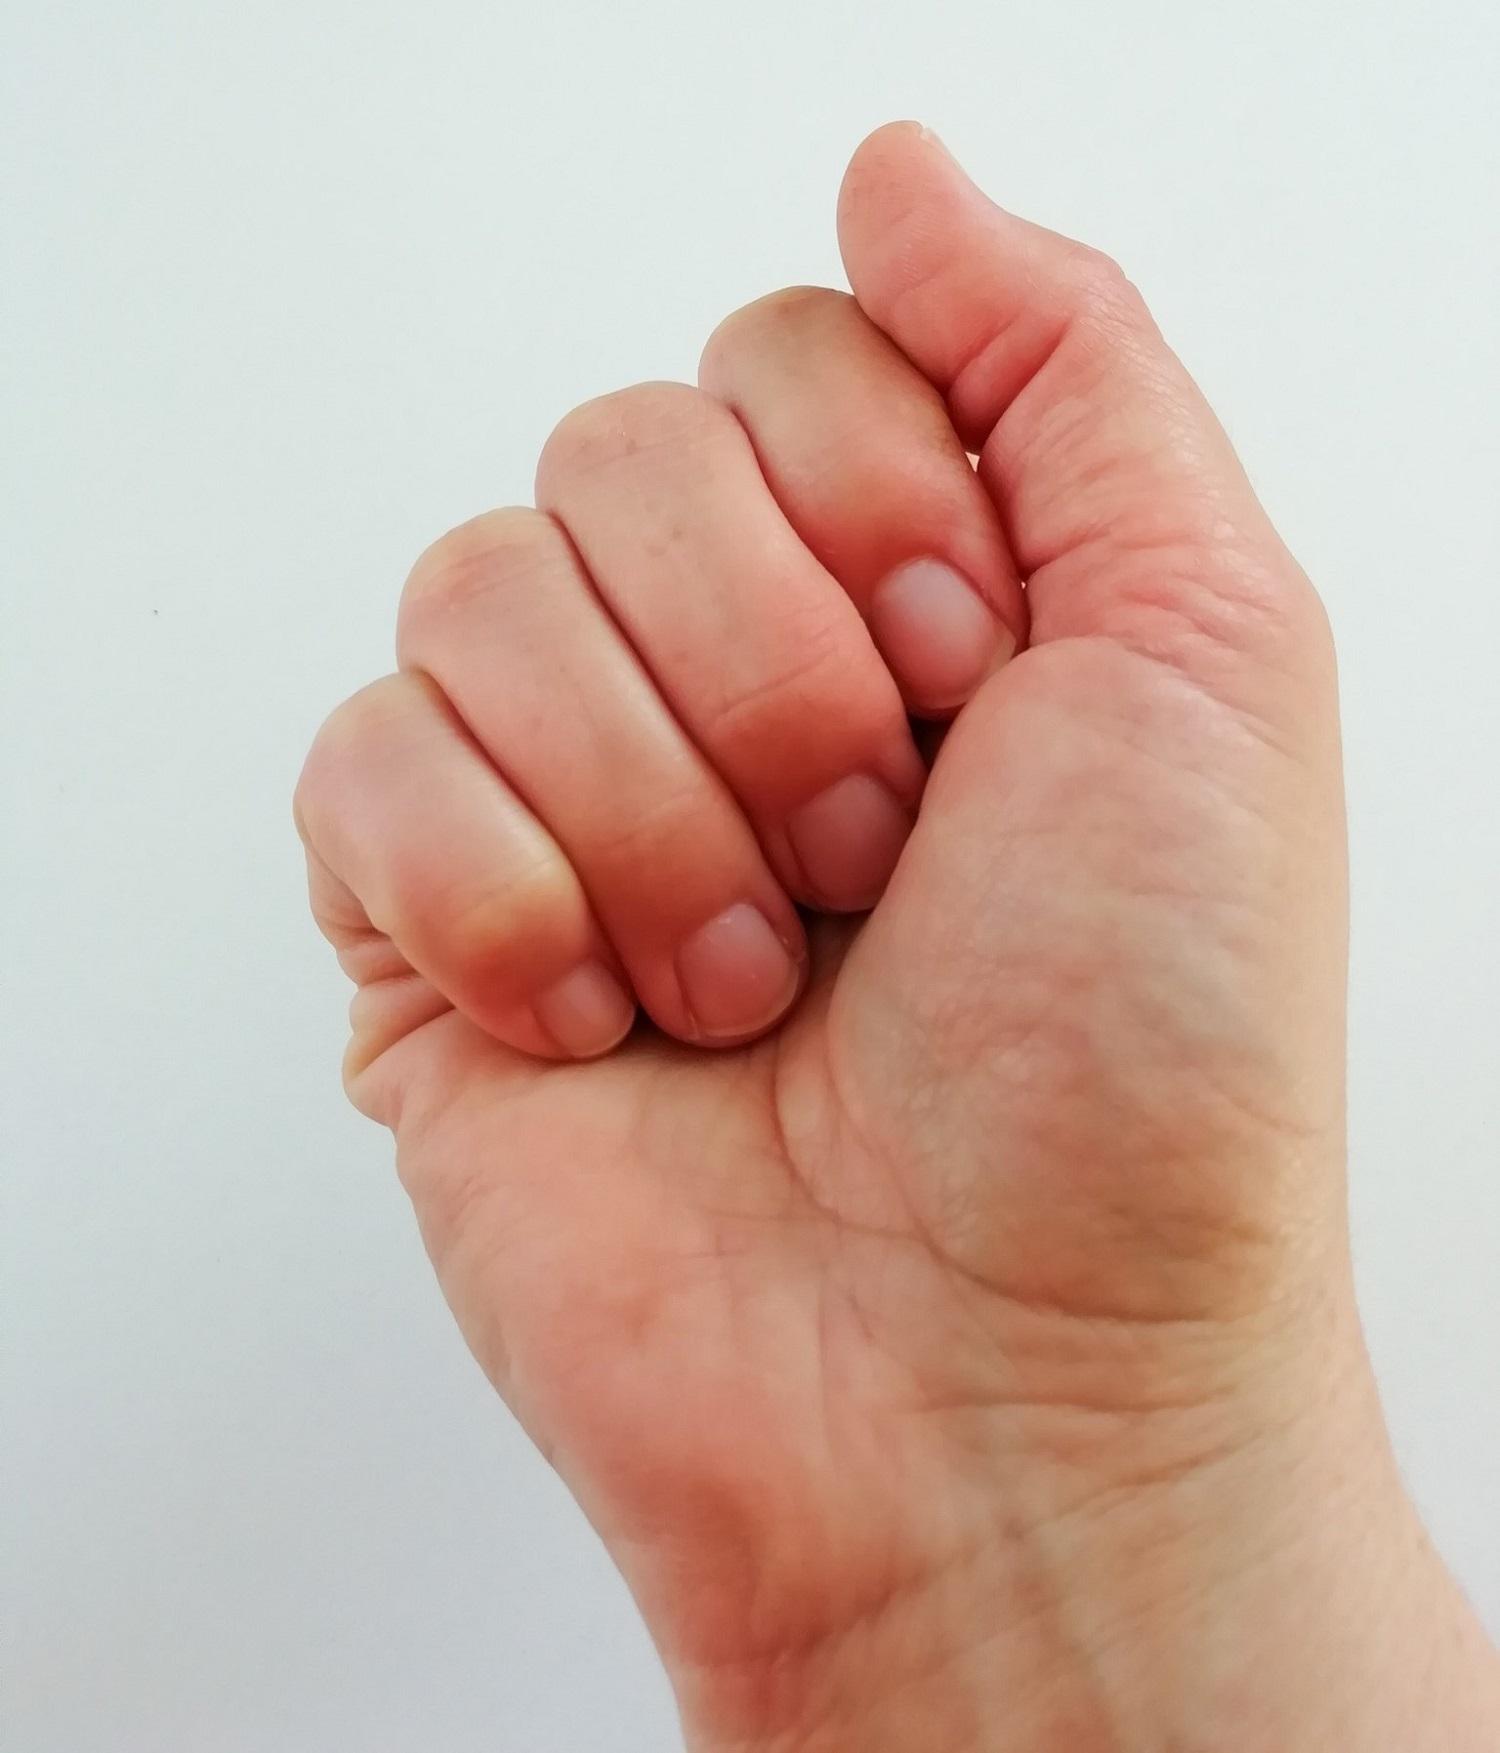 Šaka, dlan, prst... nisu mjere za količinu hrane.